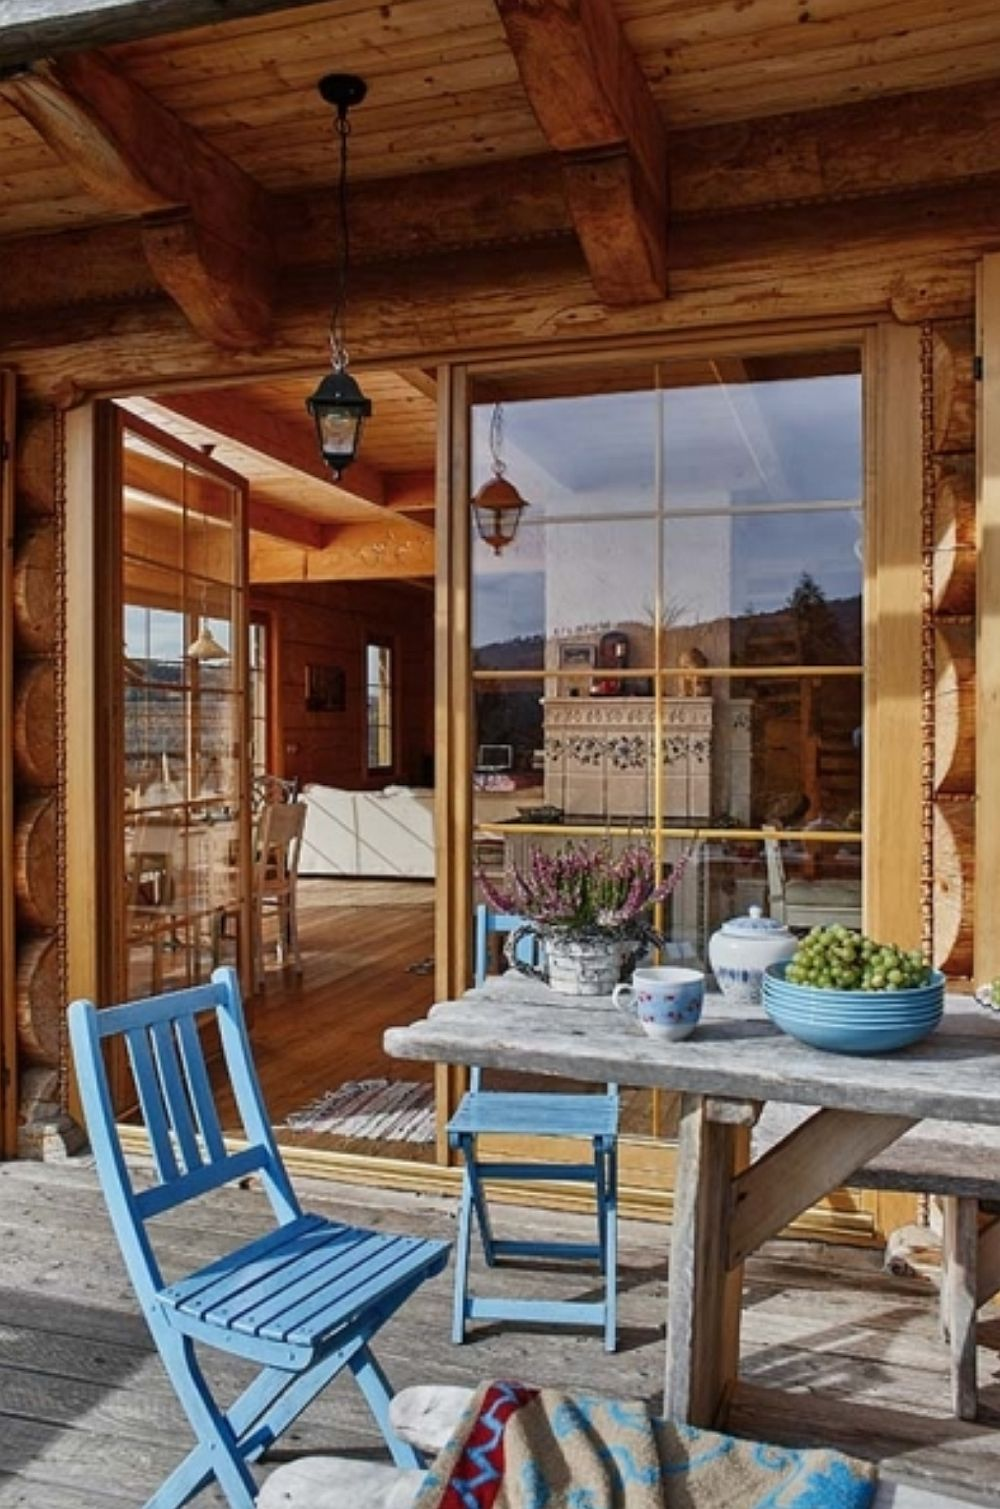 Ferestrele din zona terasei sunt protejate la exterior cu obloane. Astfel, când e prea cald sau prea frig, dar mai ales când proprietarii nu sunt aici, obloanele protejează casa.